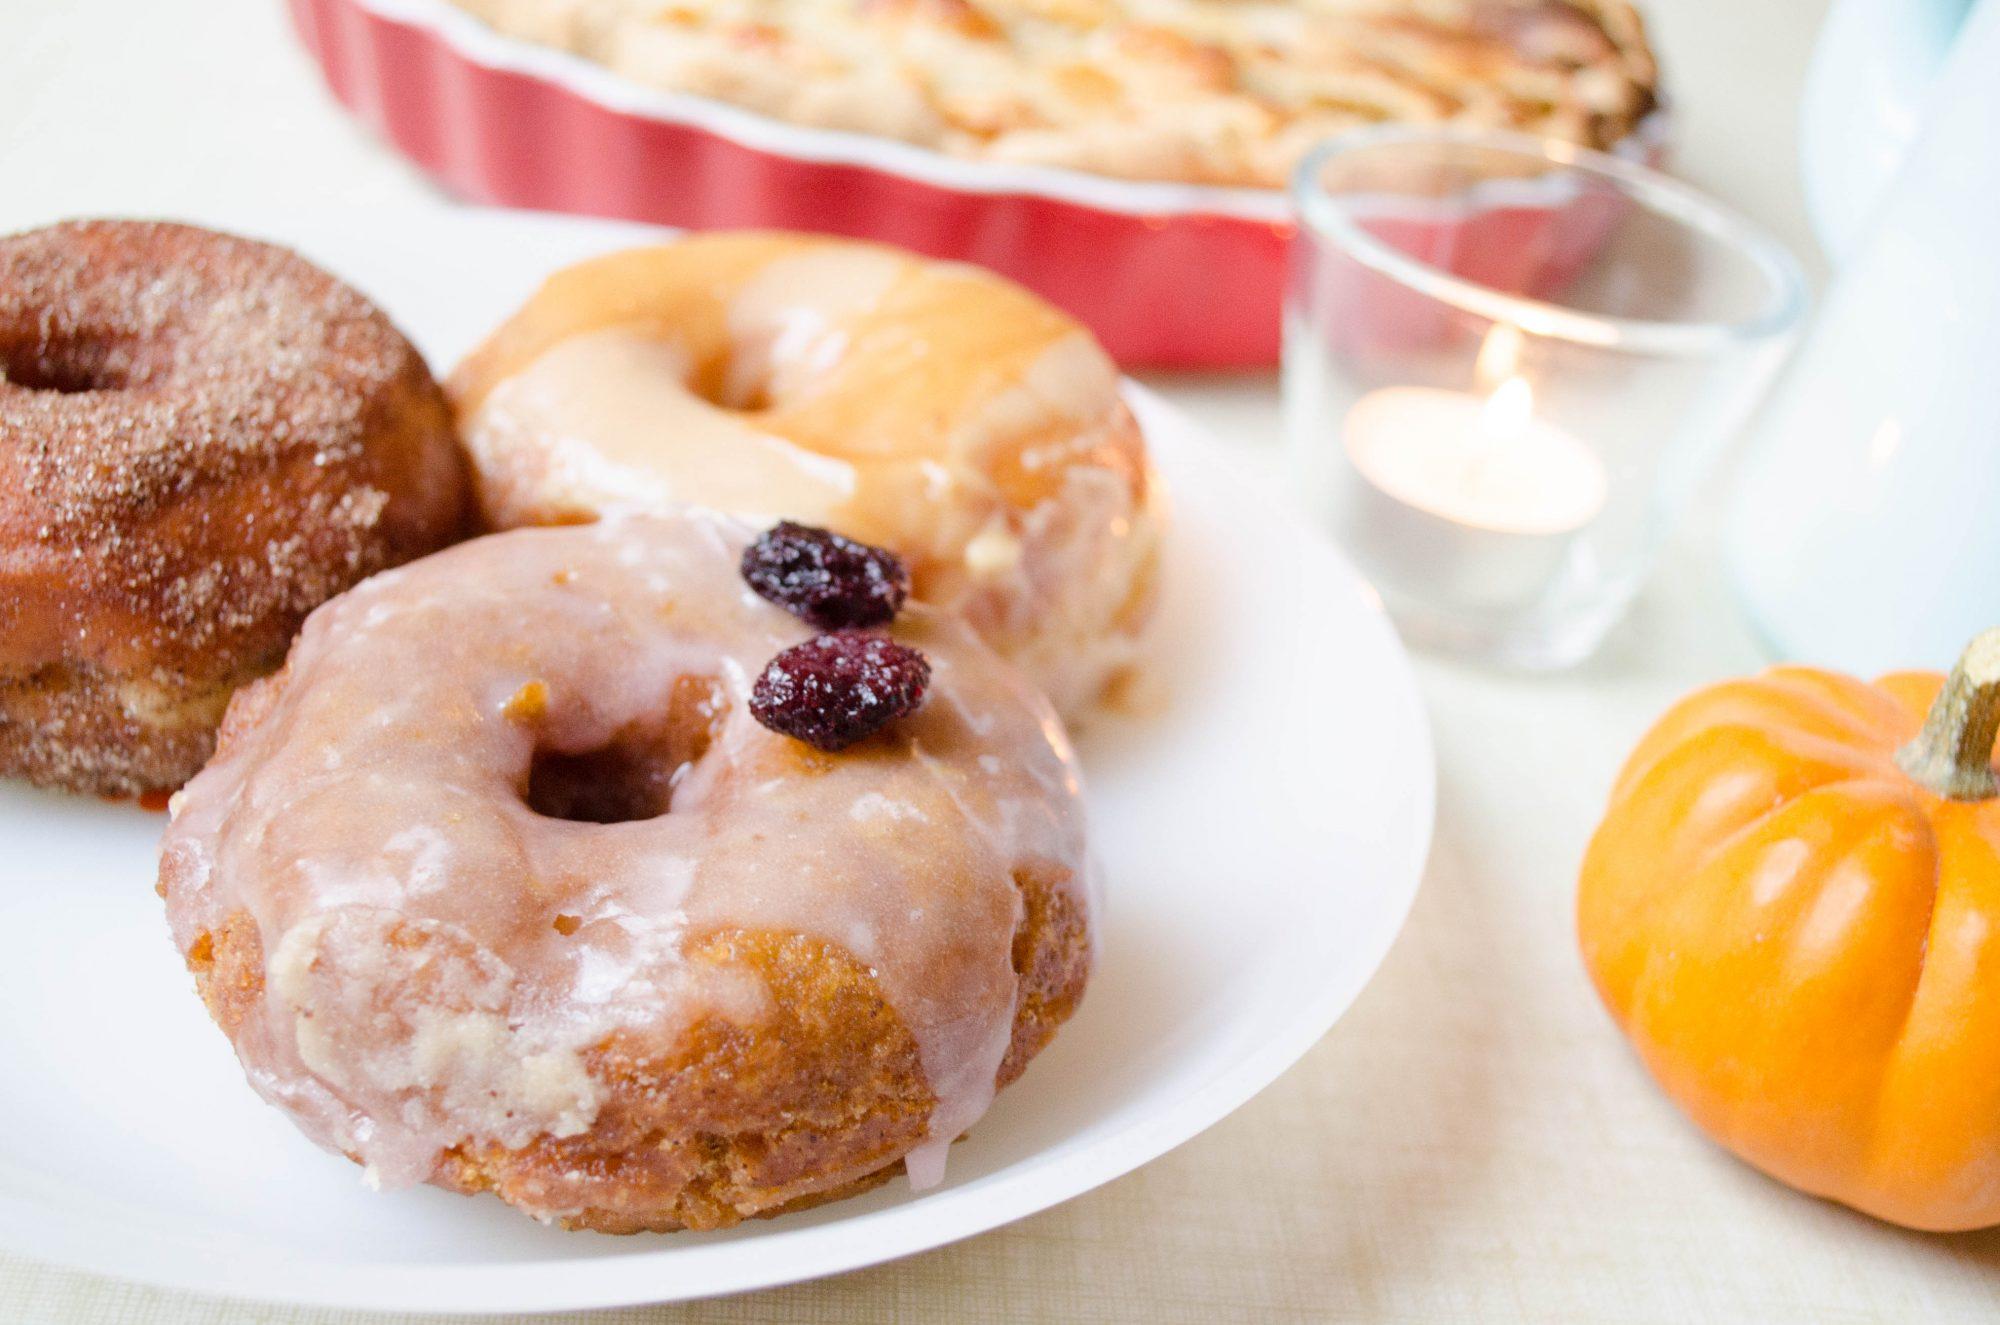 boneshaker-doughnuts-enamel-tarte-aux-pommes-gilmore-girls